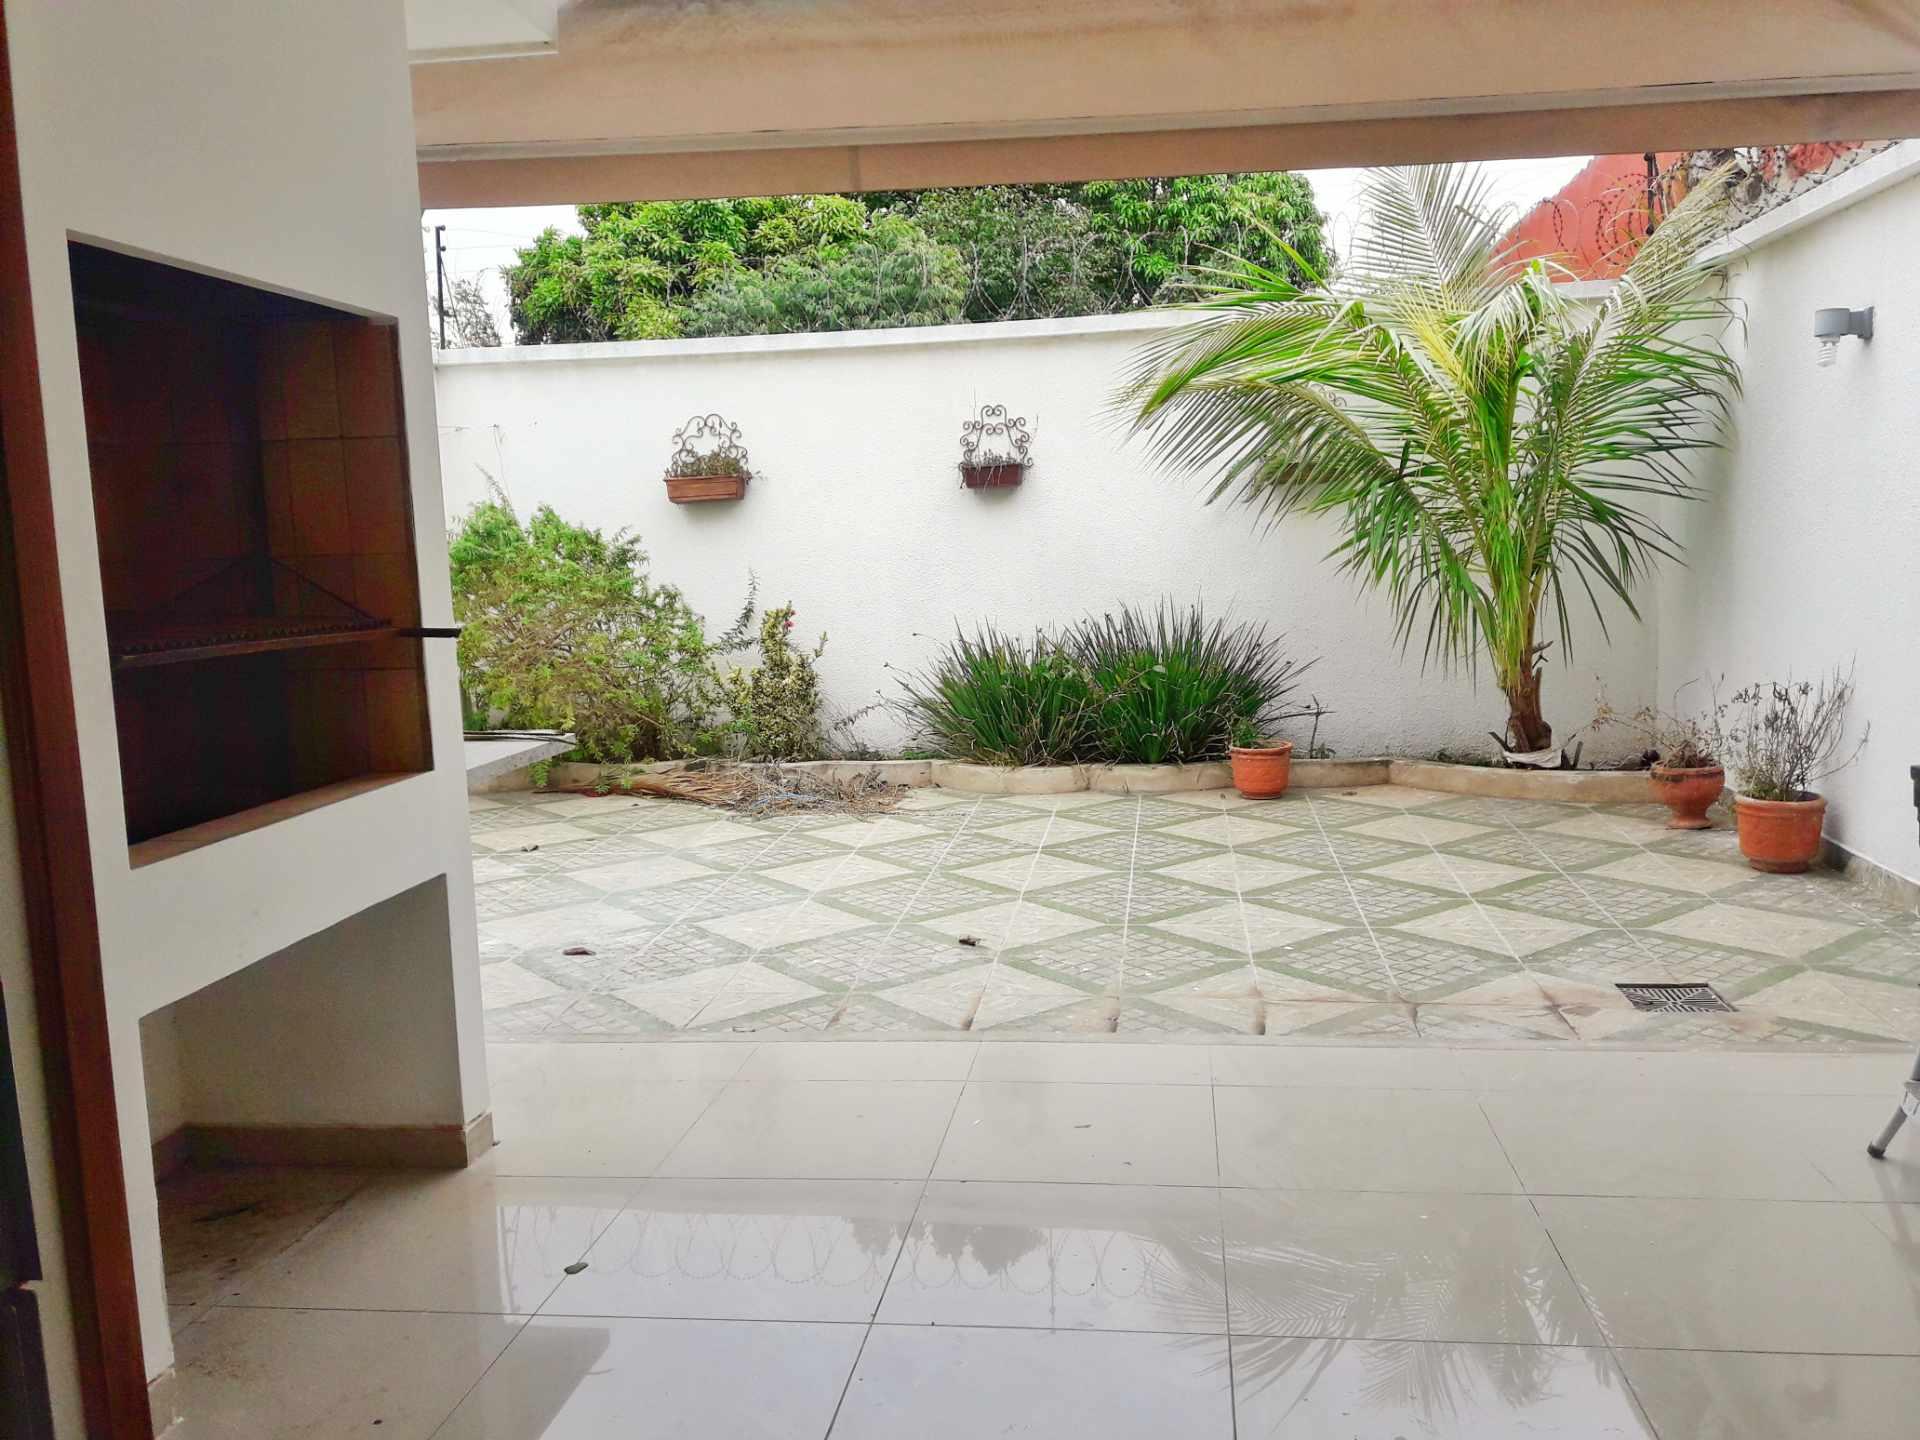 Casa en Venta Barrio Olender 3 pasos al frente entre 4to y 5to anillo Foto 4